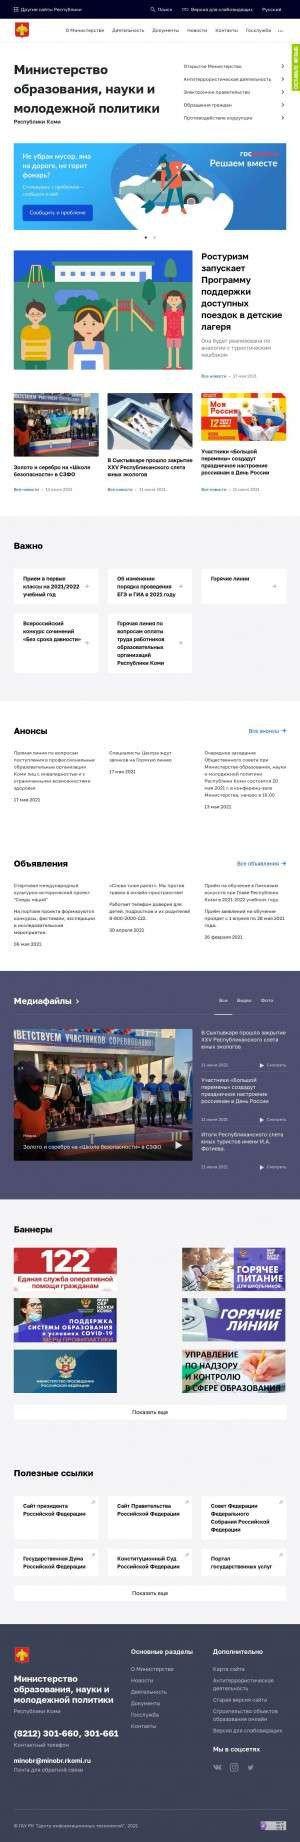 Предпросмотр для minobr.rkomi.ru — Министерство образования, науки и молодежной политики Республики Коми